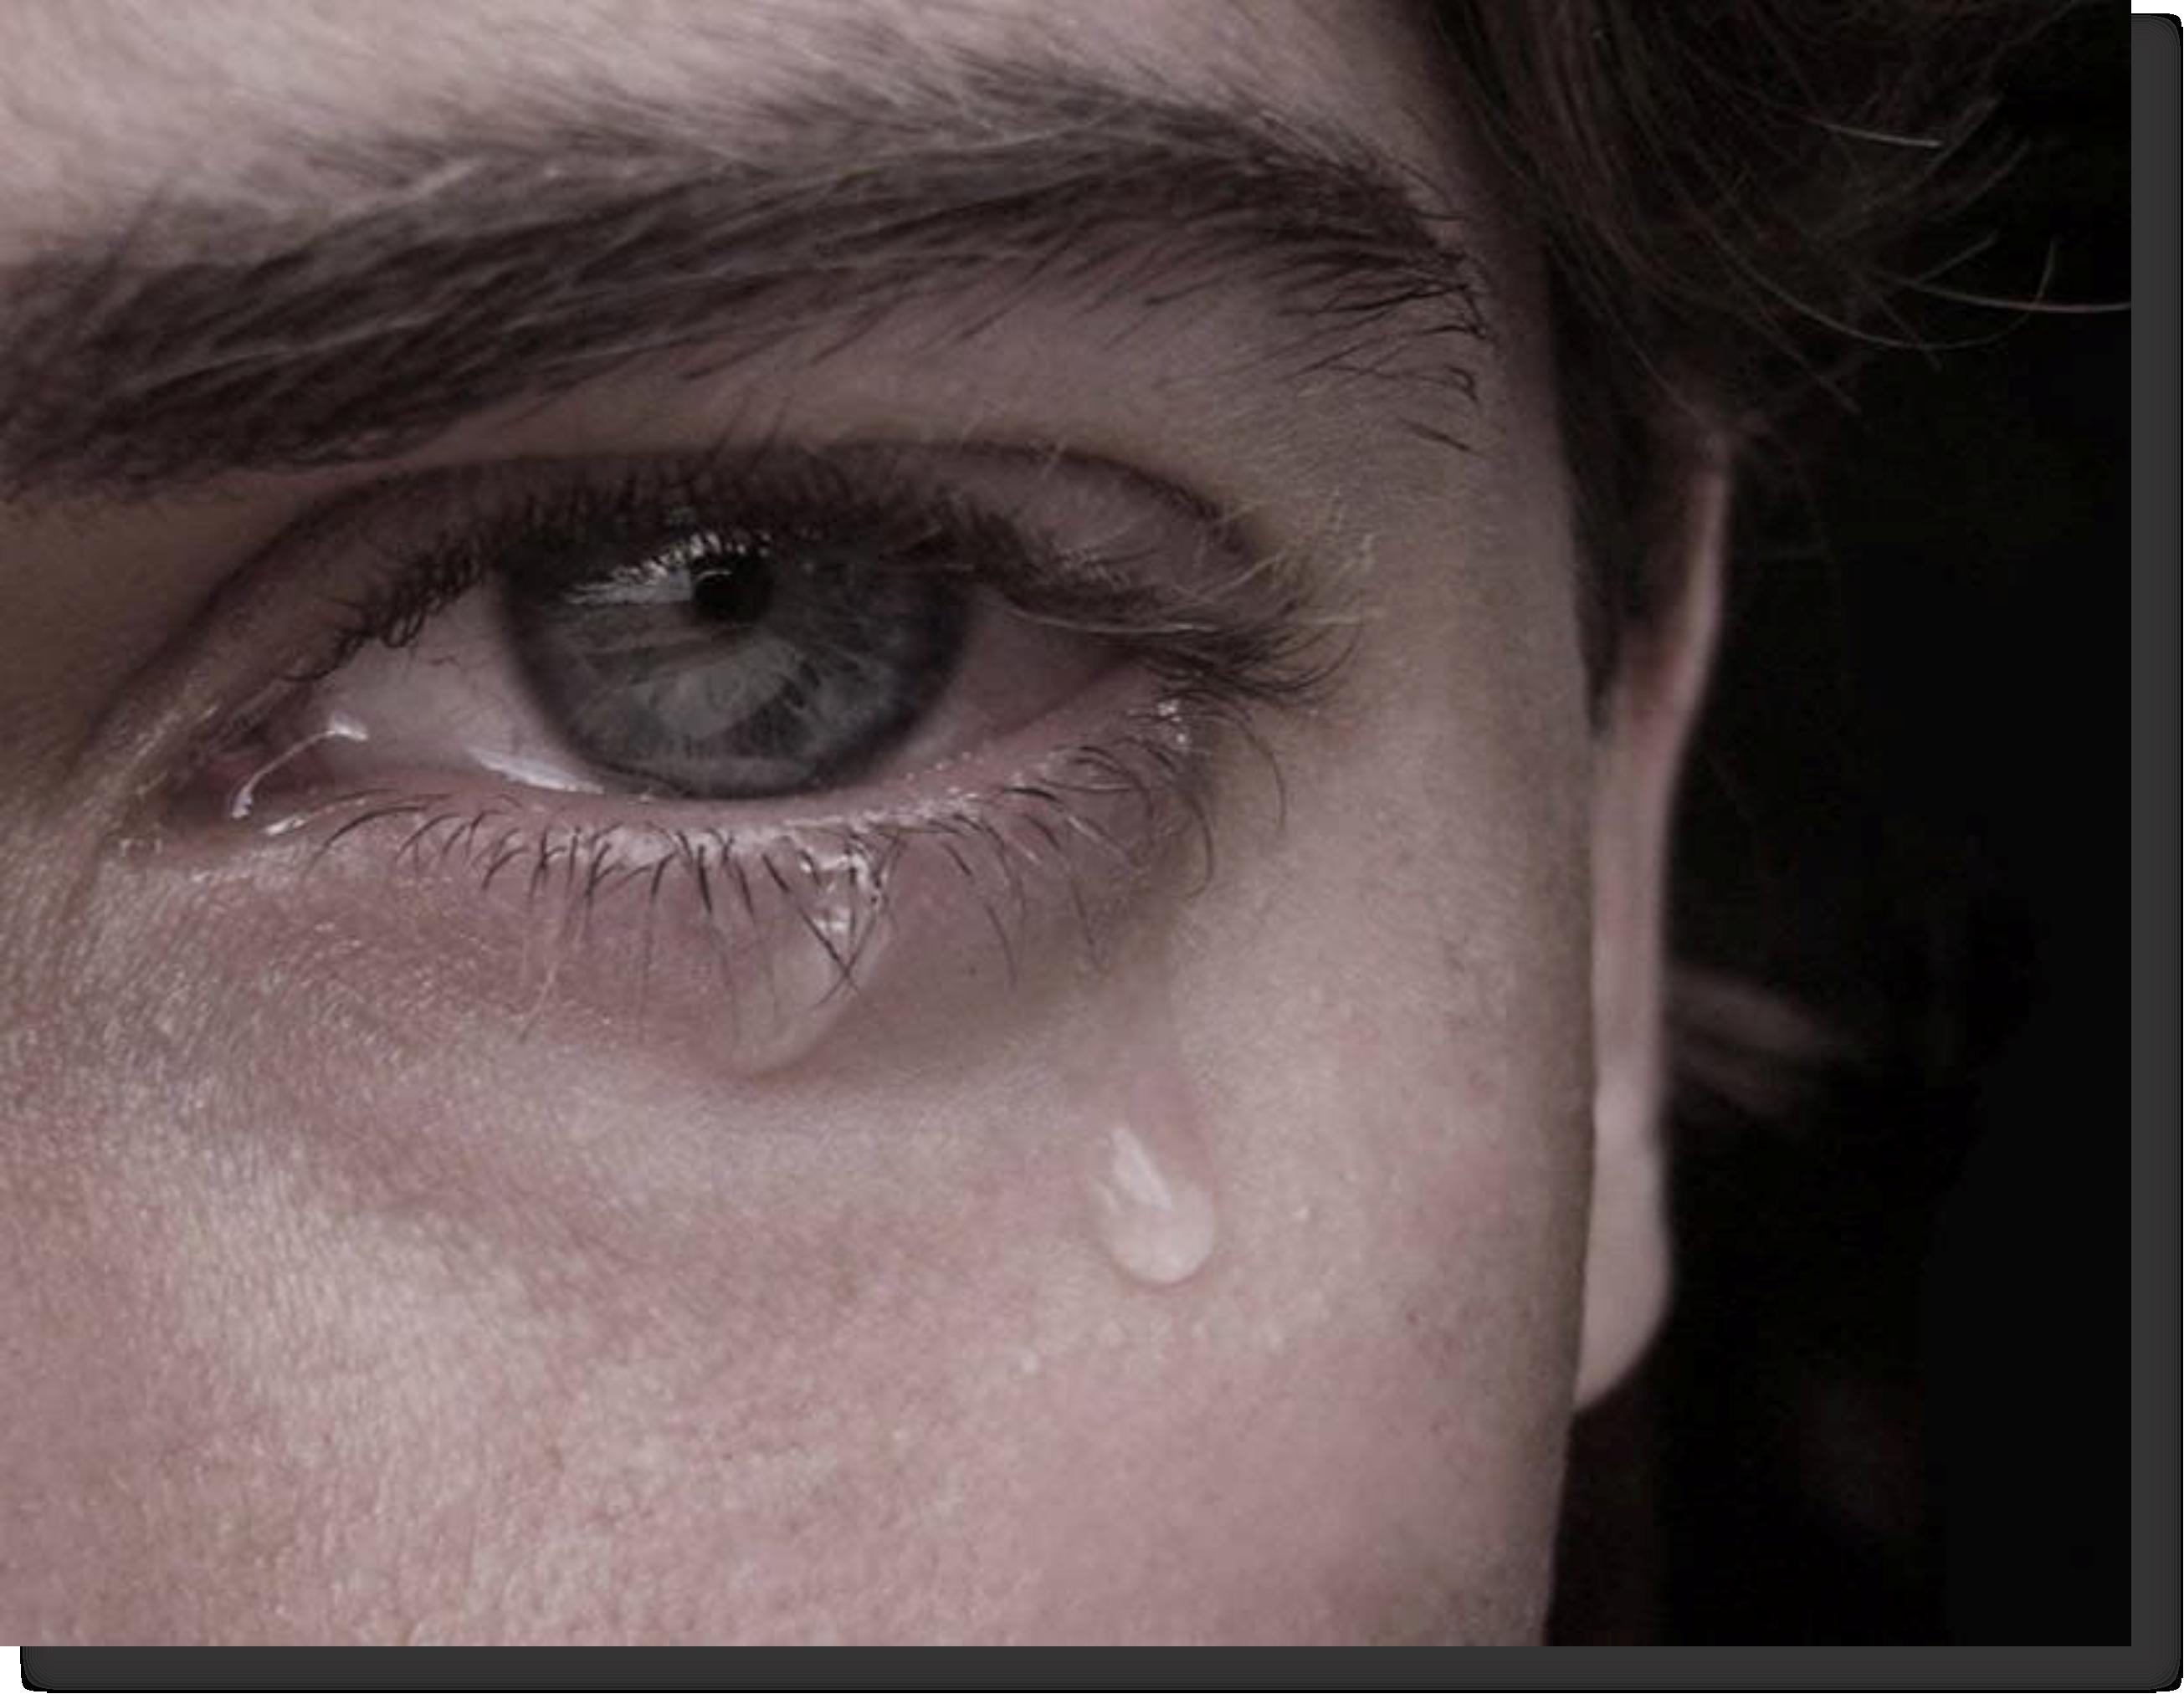 pessoa chorando